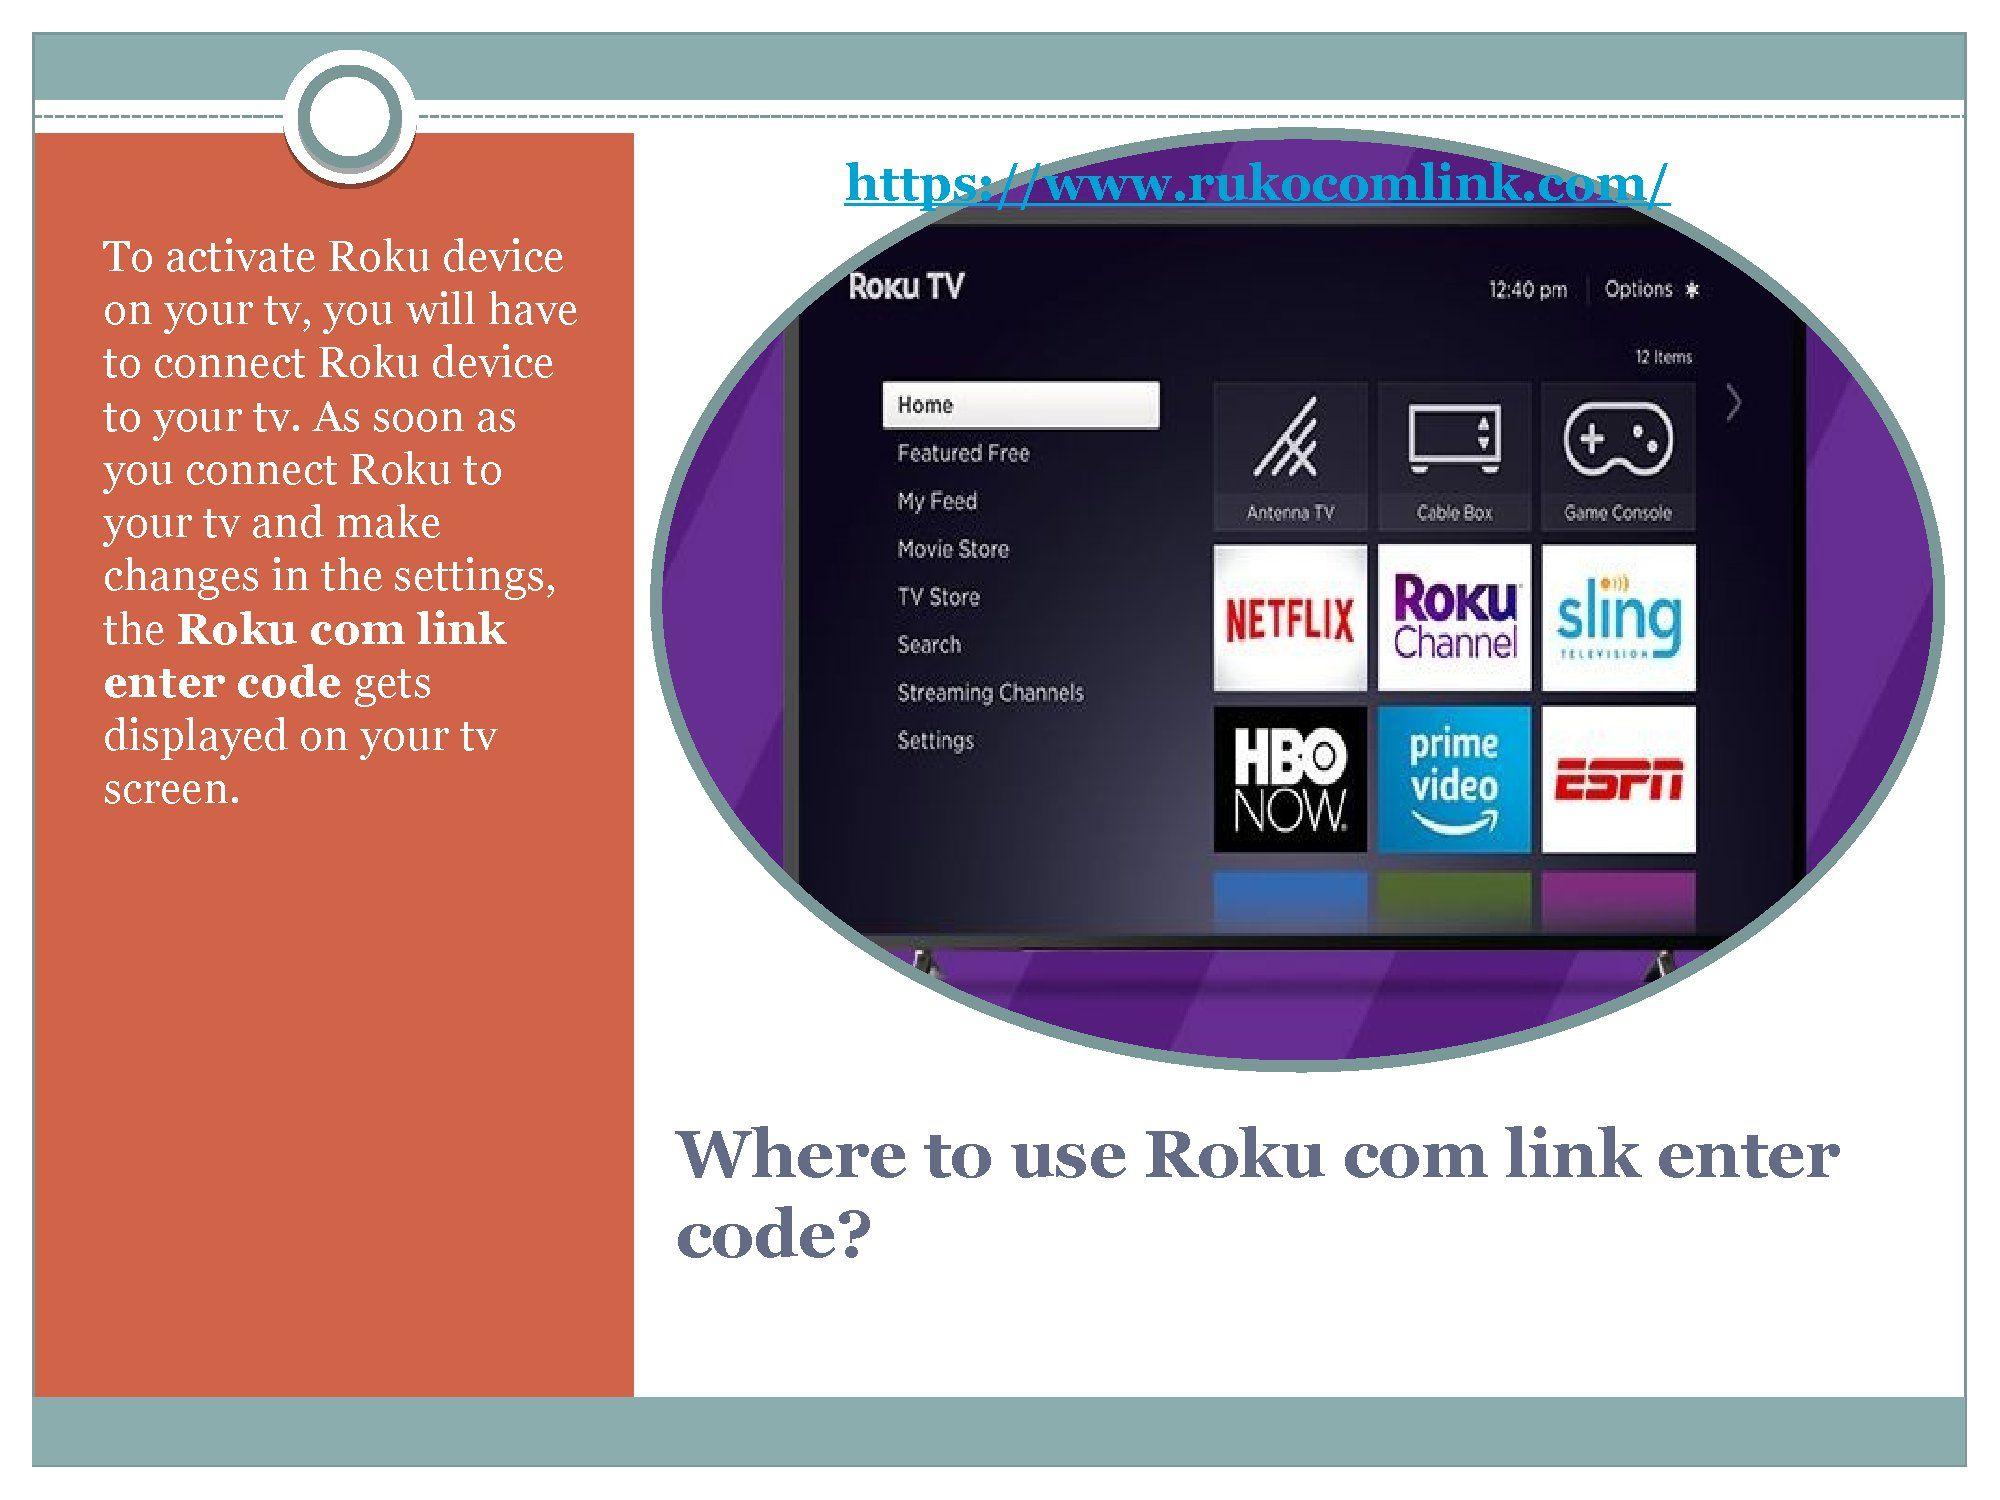 Roku Com Link Roku Com Link Activate Wireless